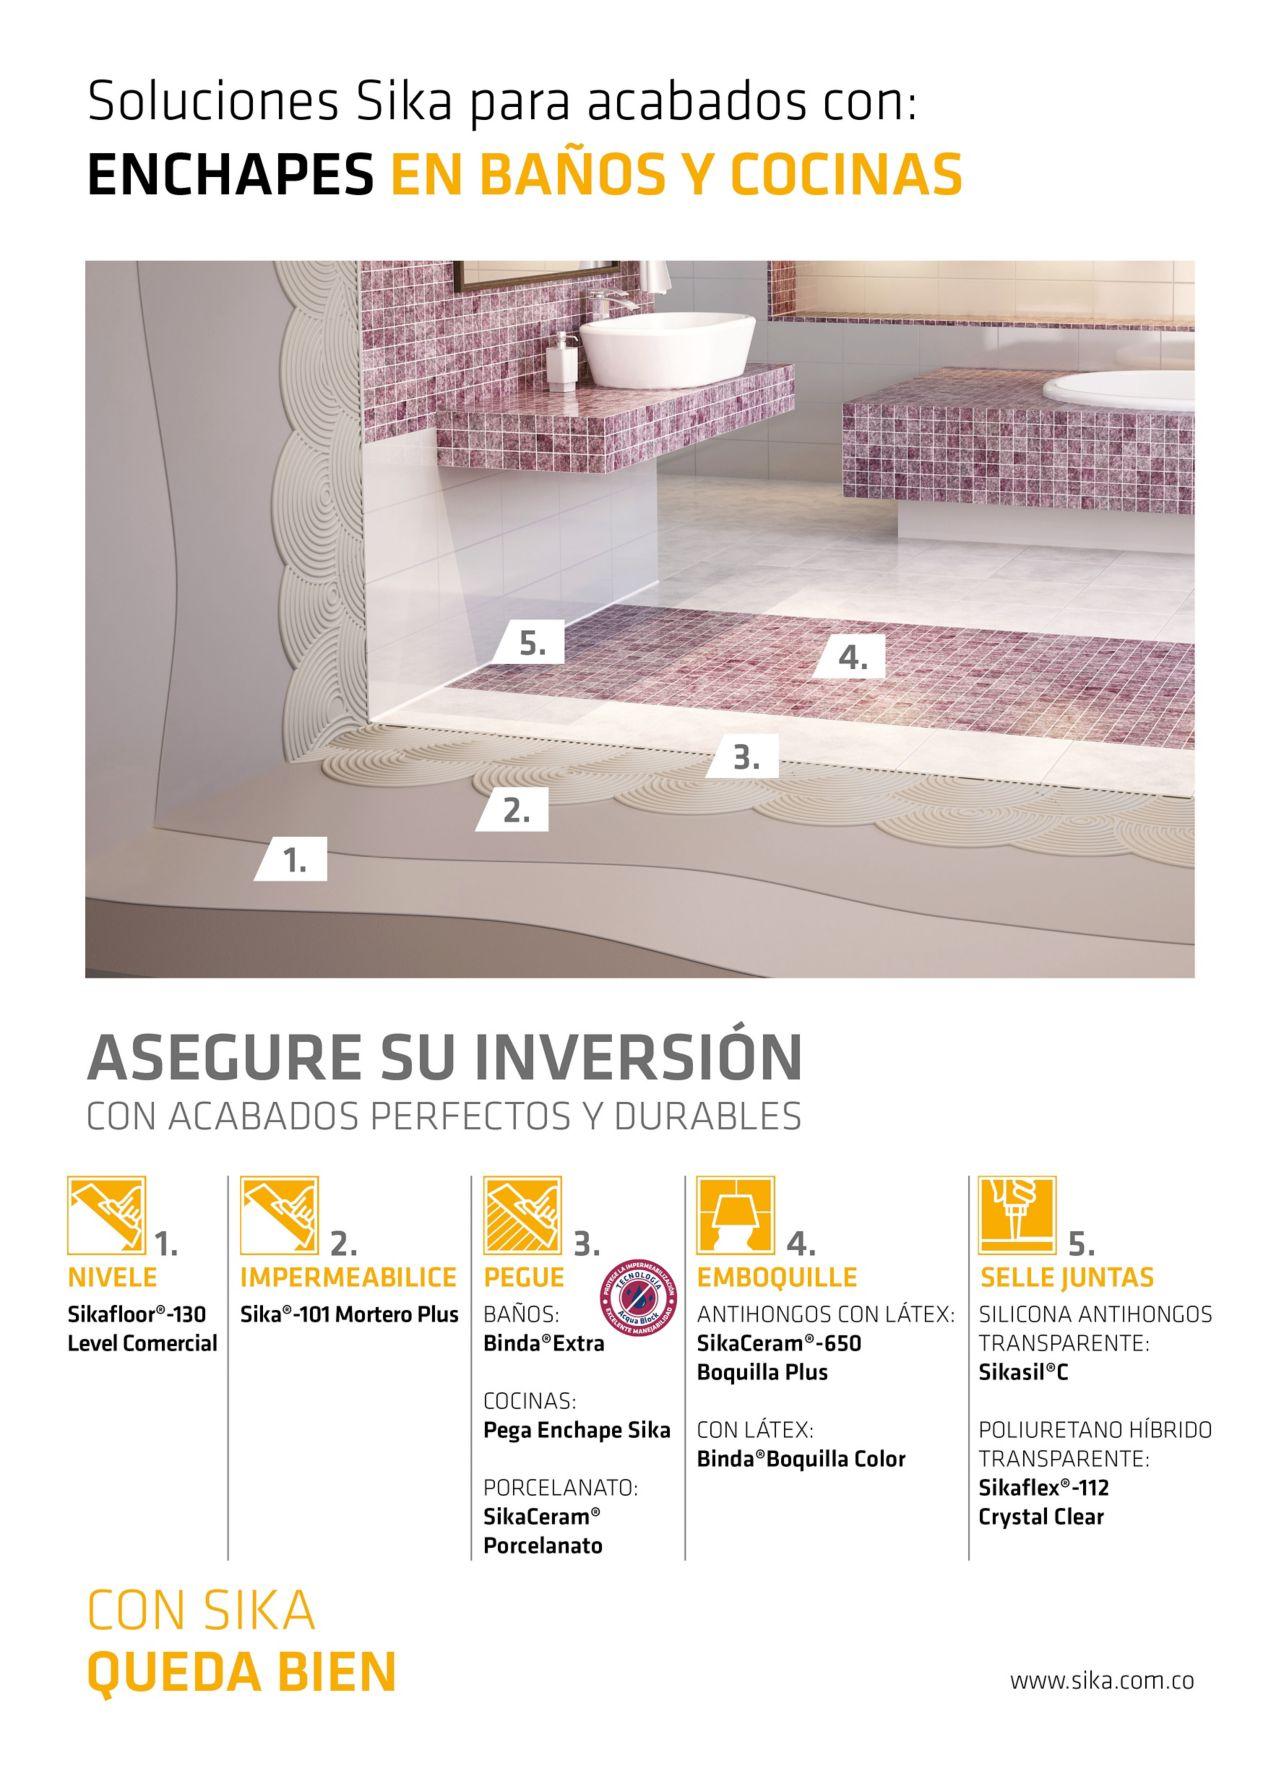 Soluciones Sika para acabados con enchapes en baños y cocinas